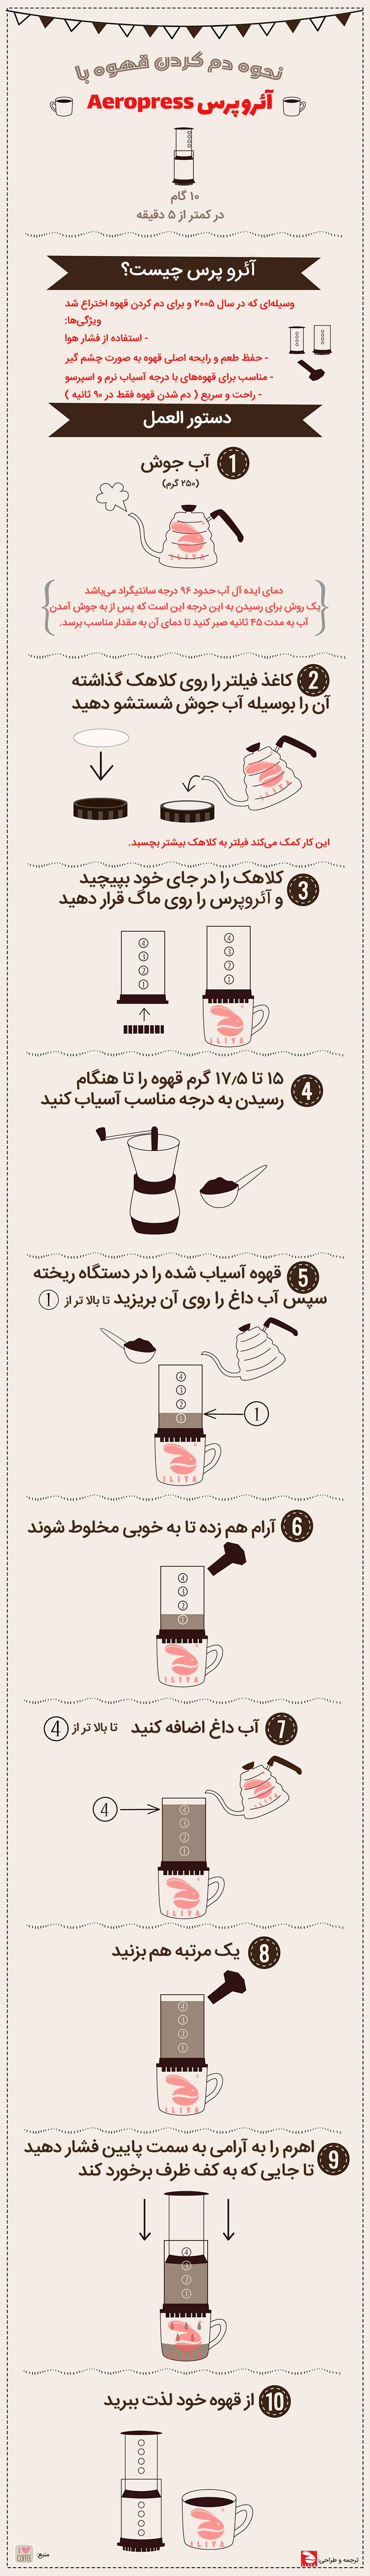 قهوه با آئروپرس